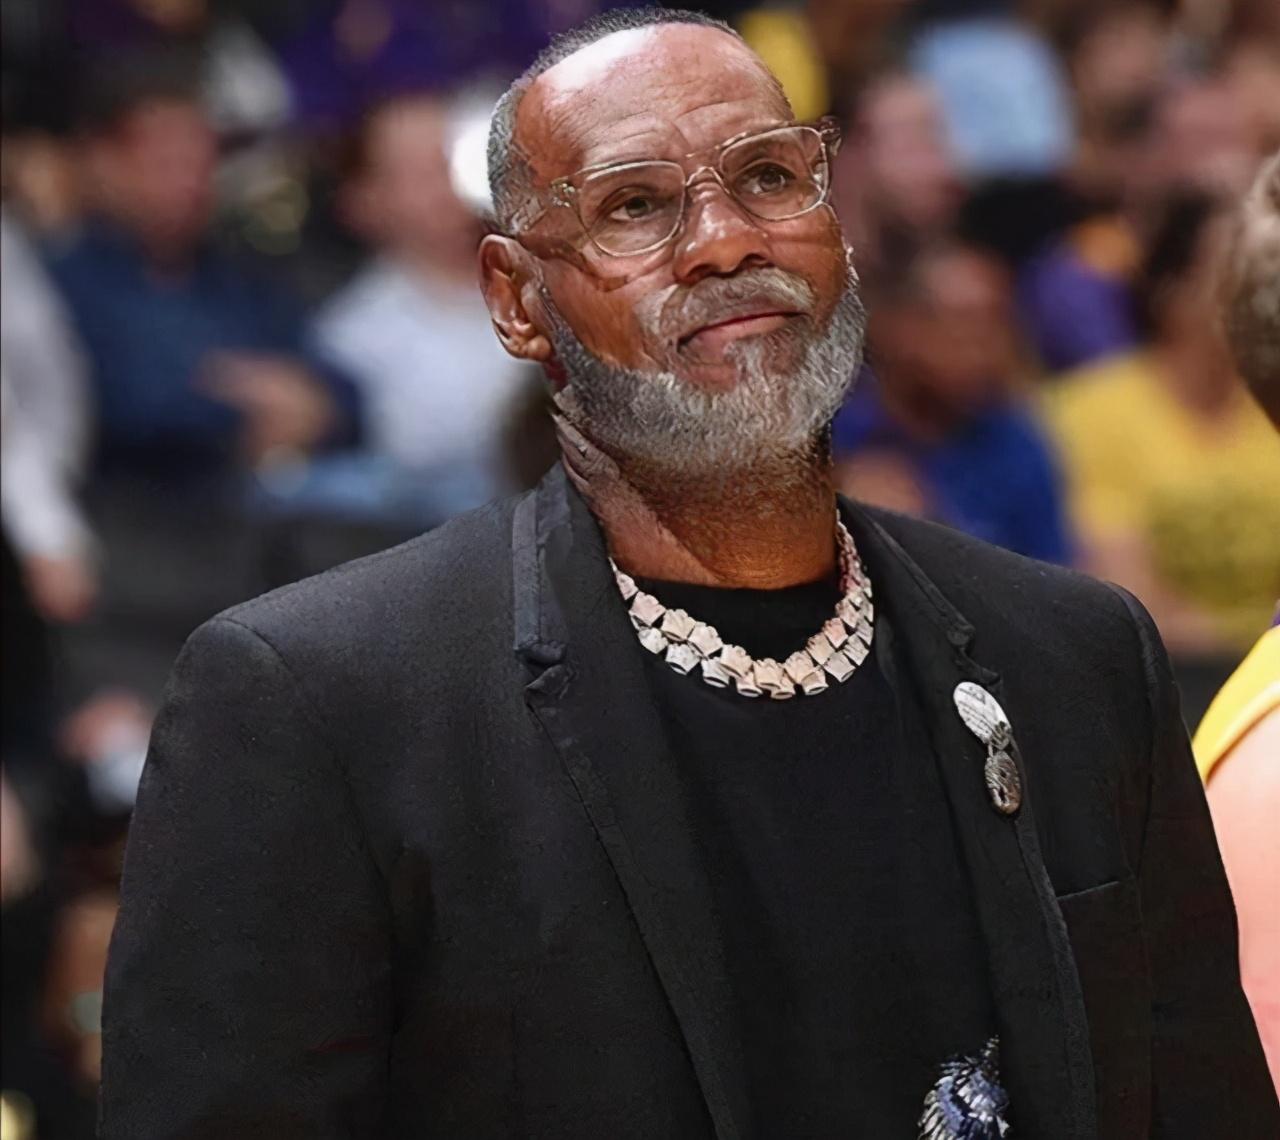 這些NBA球星老了長什麼樣?東契奇與波波維奇相似,星海哥老了依舊是男神!-黑特籃球-NBA新聞影音圖片分享社區